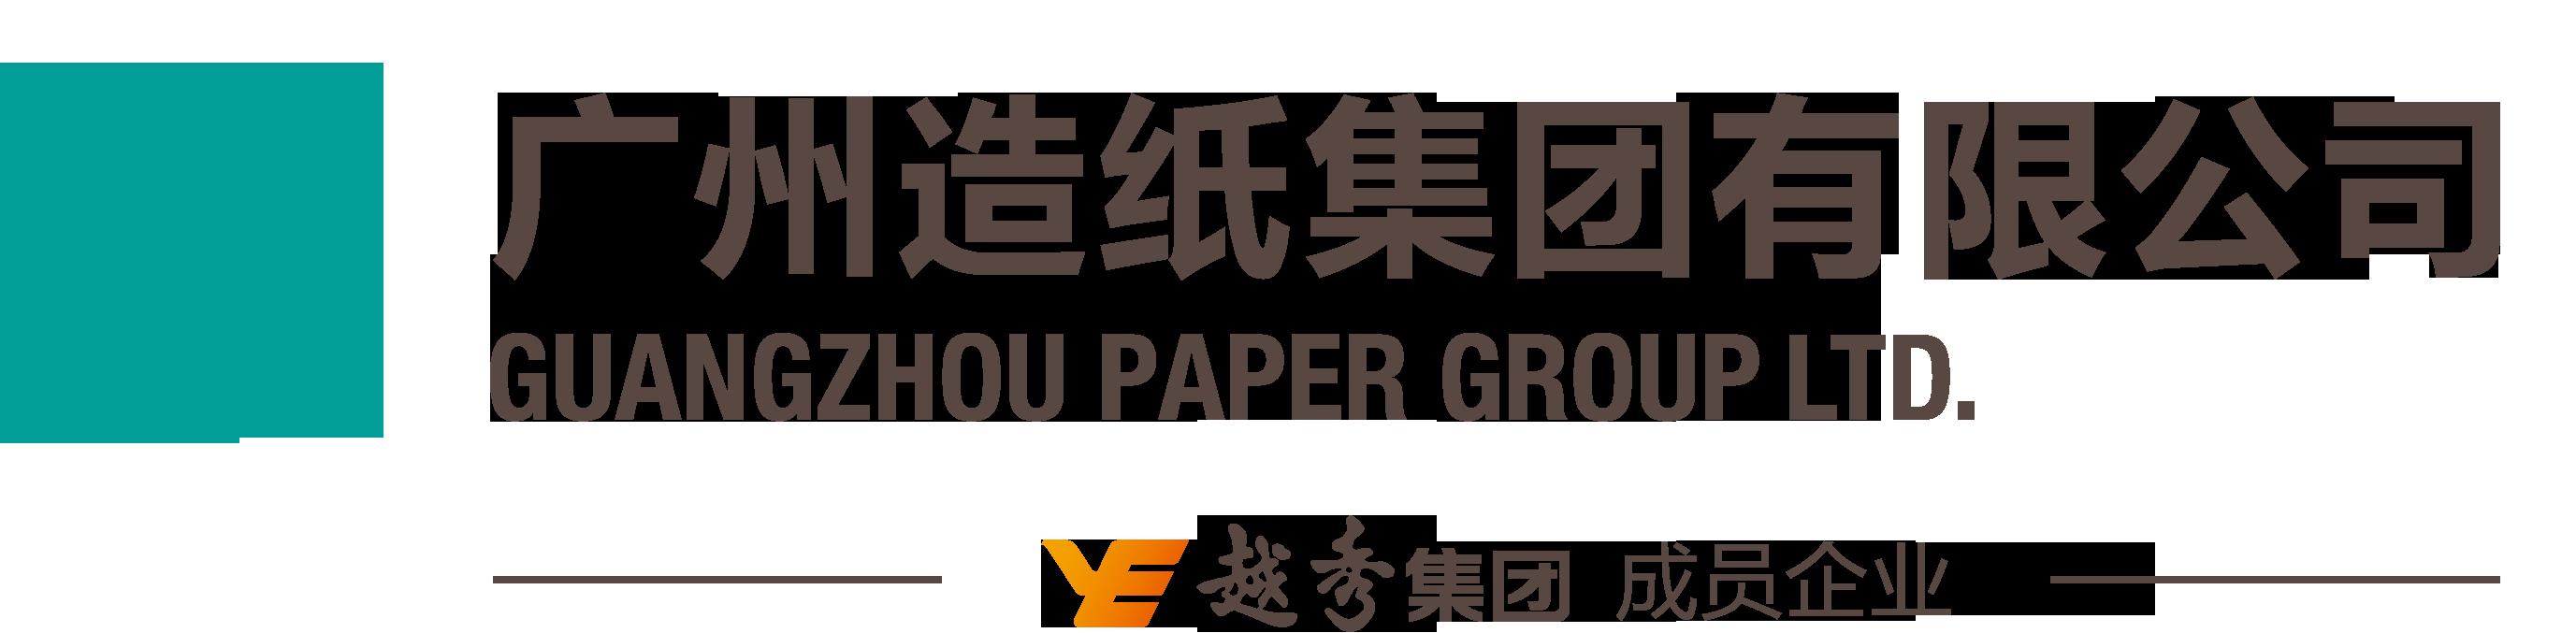 廣州造紙集團有限公司